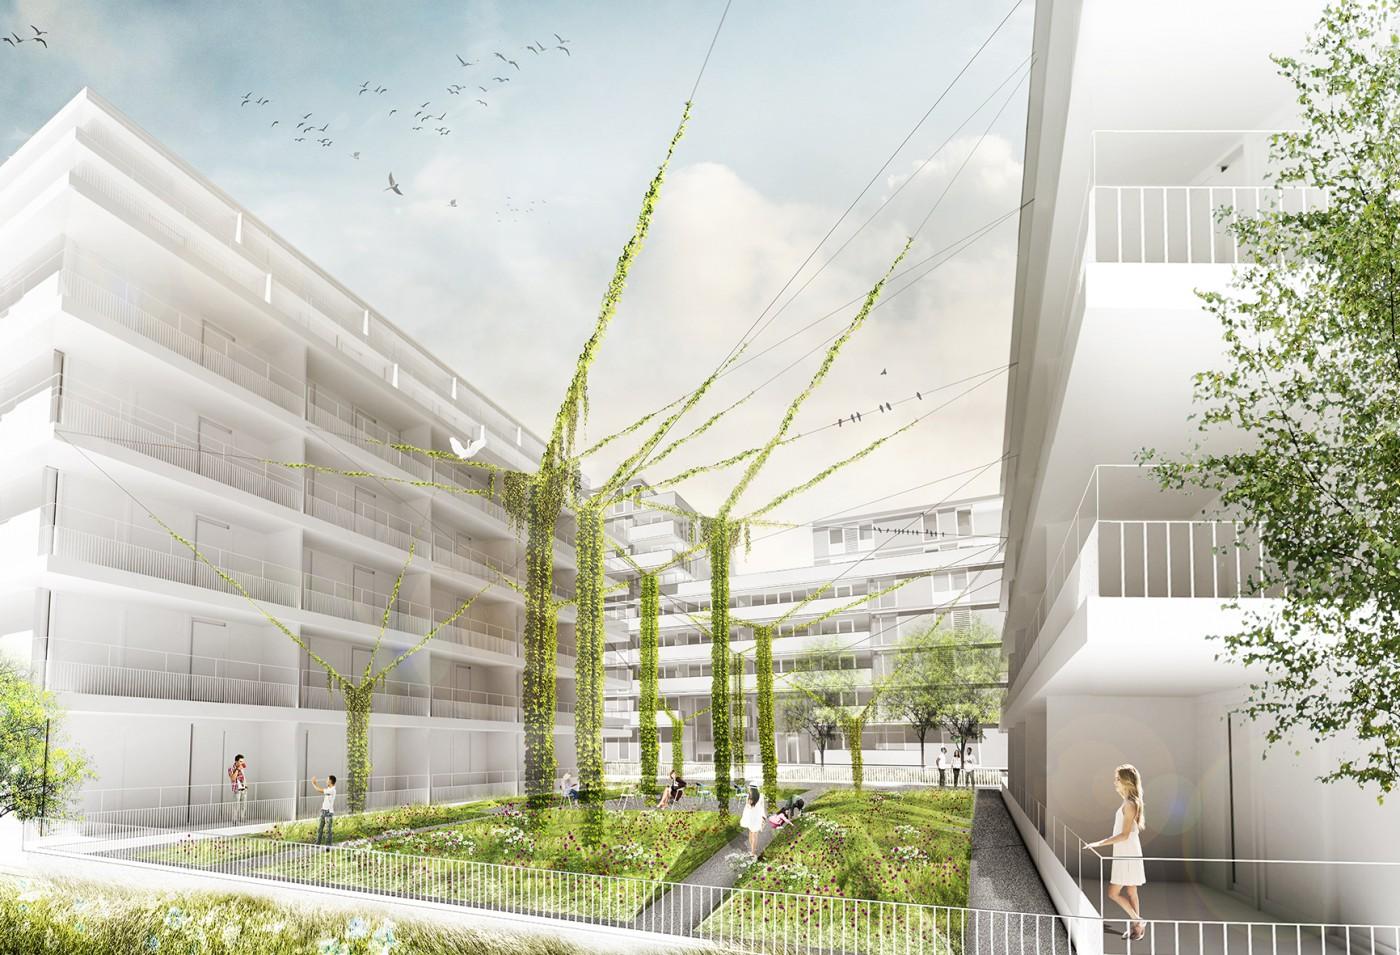 buro-sant-en-co-landschapsarchitectuur-overhoeks-amsterdam-woonomgeving-ontwerp-binnentuin-B